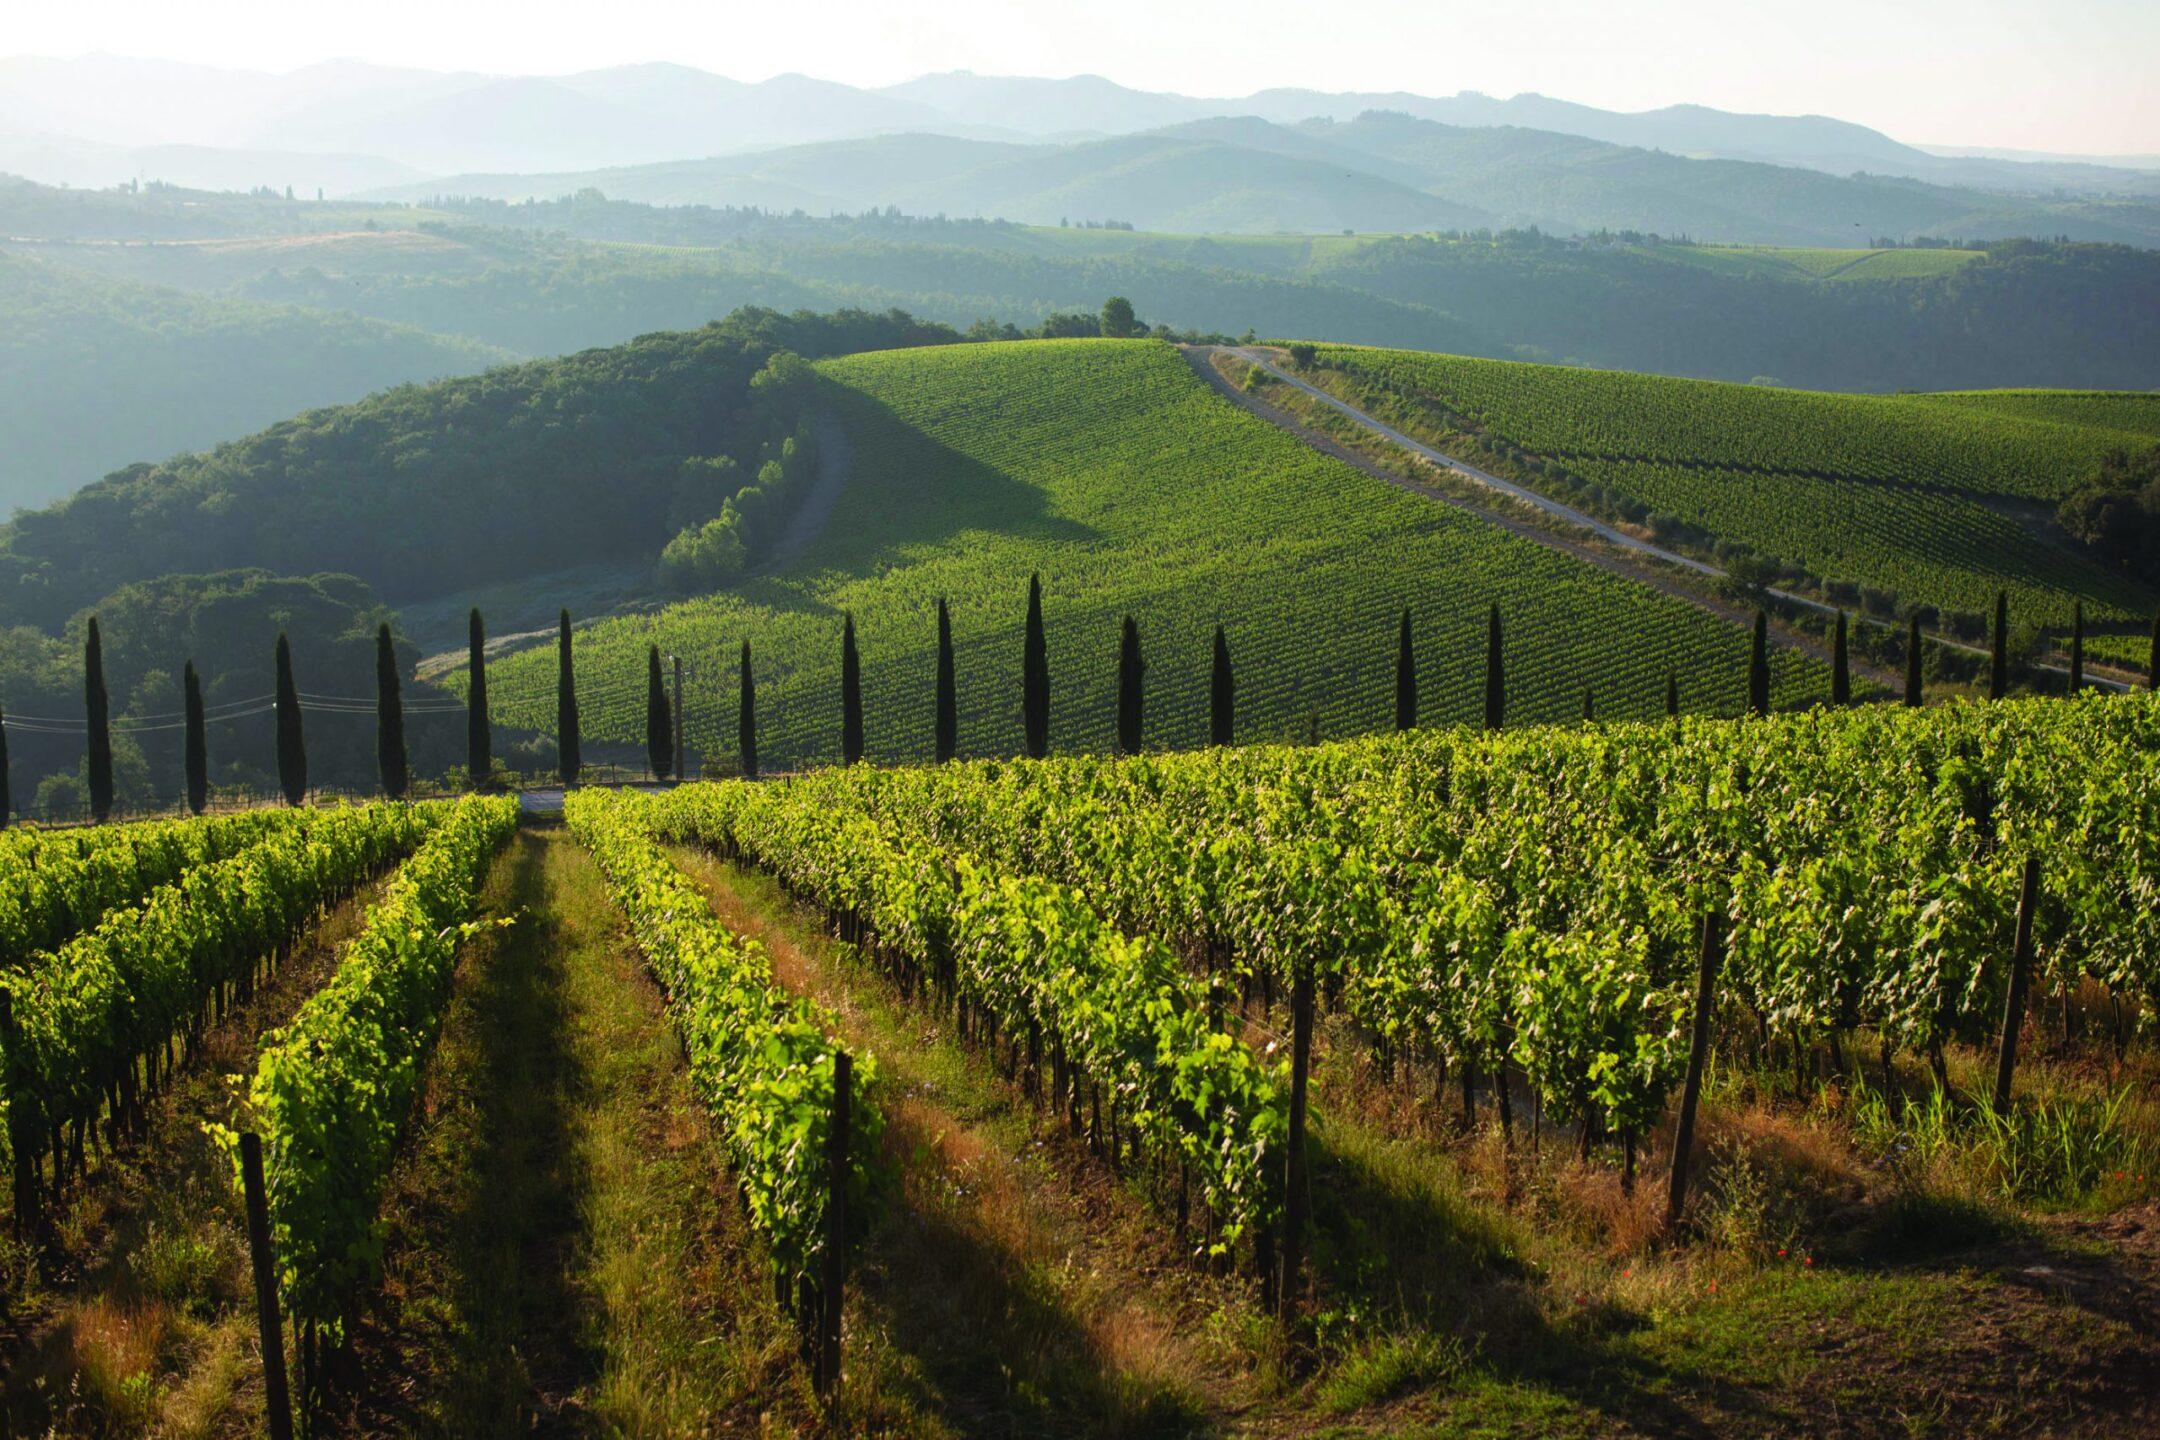 Migliori vini italiani: Dievole tra le 100 Eccellenze Italiane per Forbes